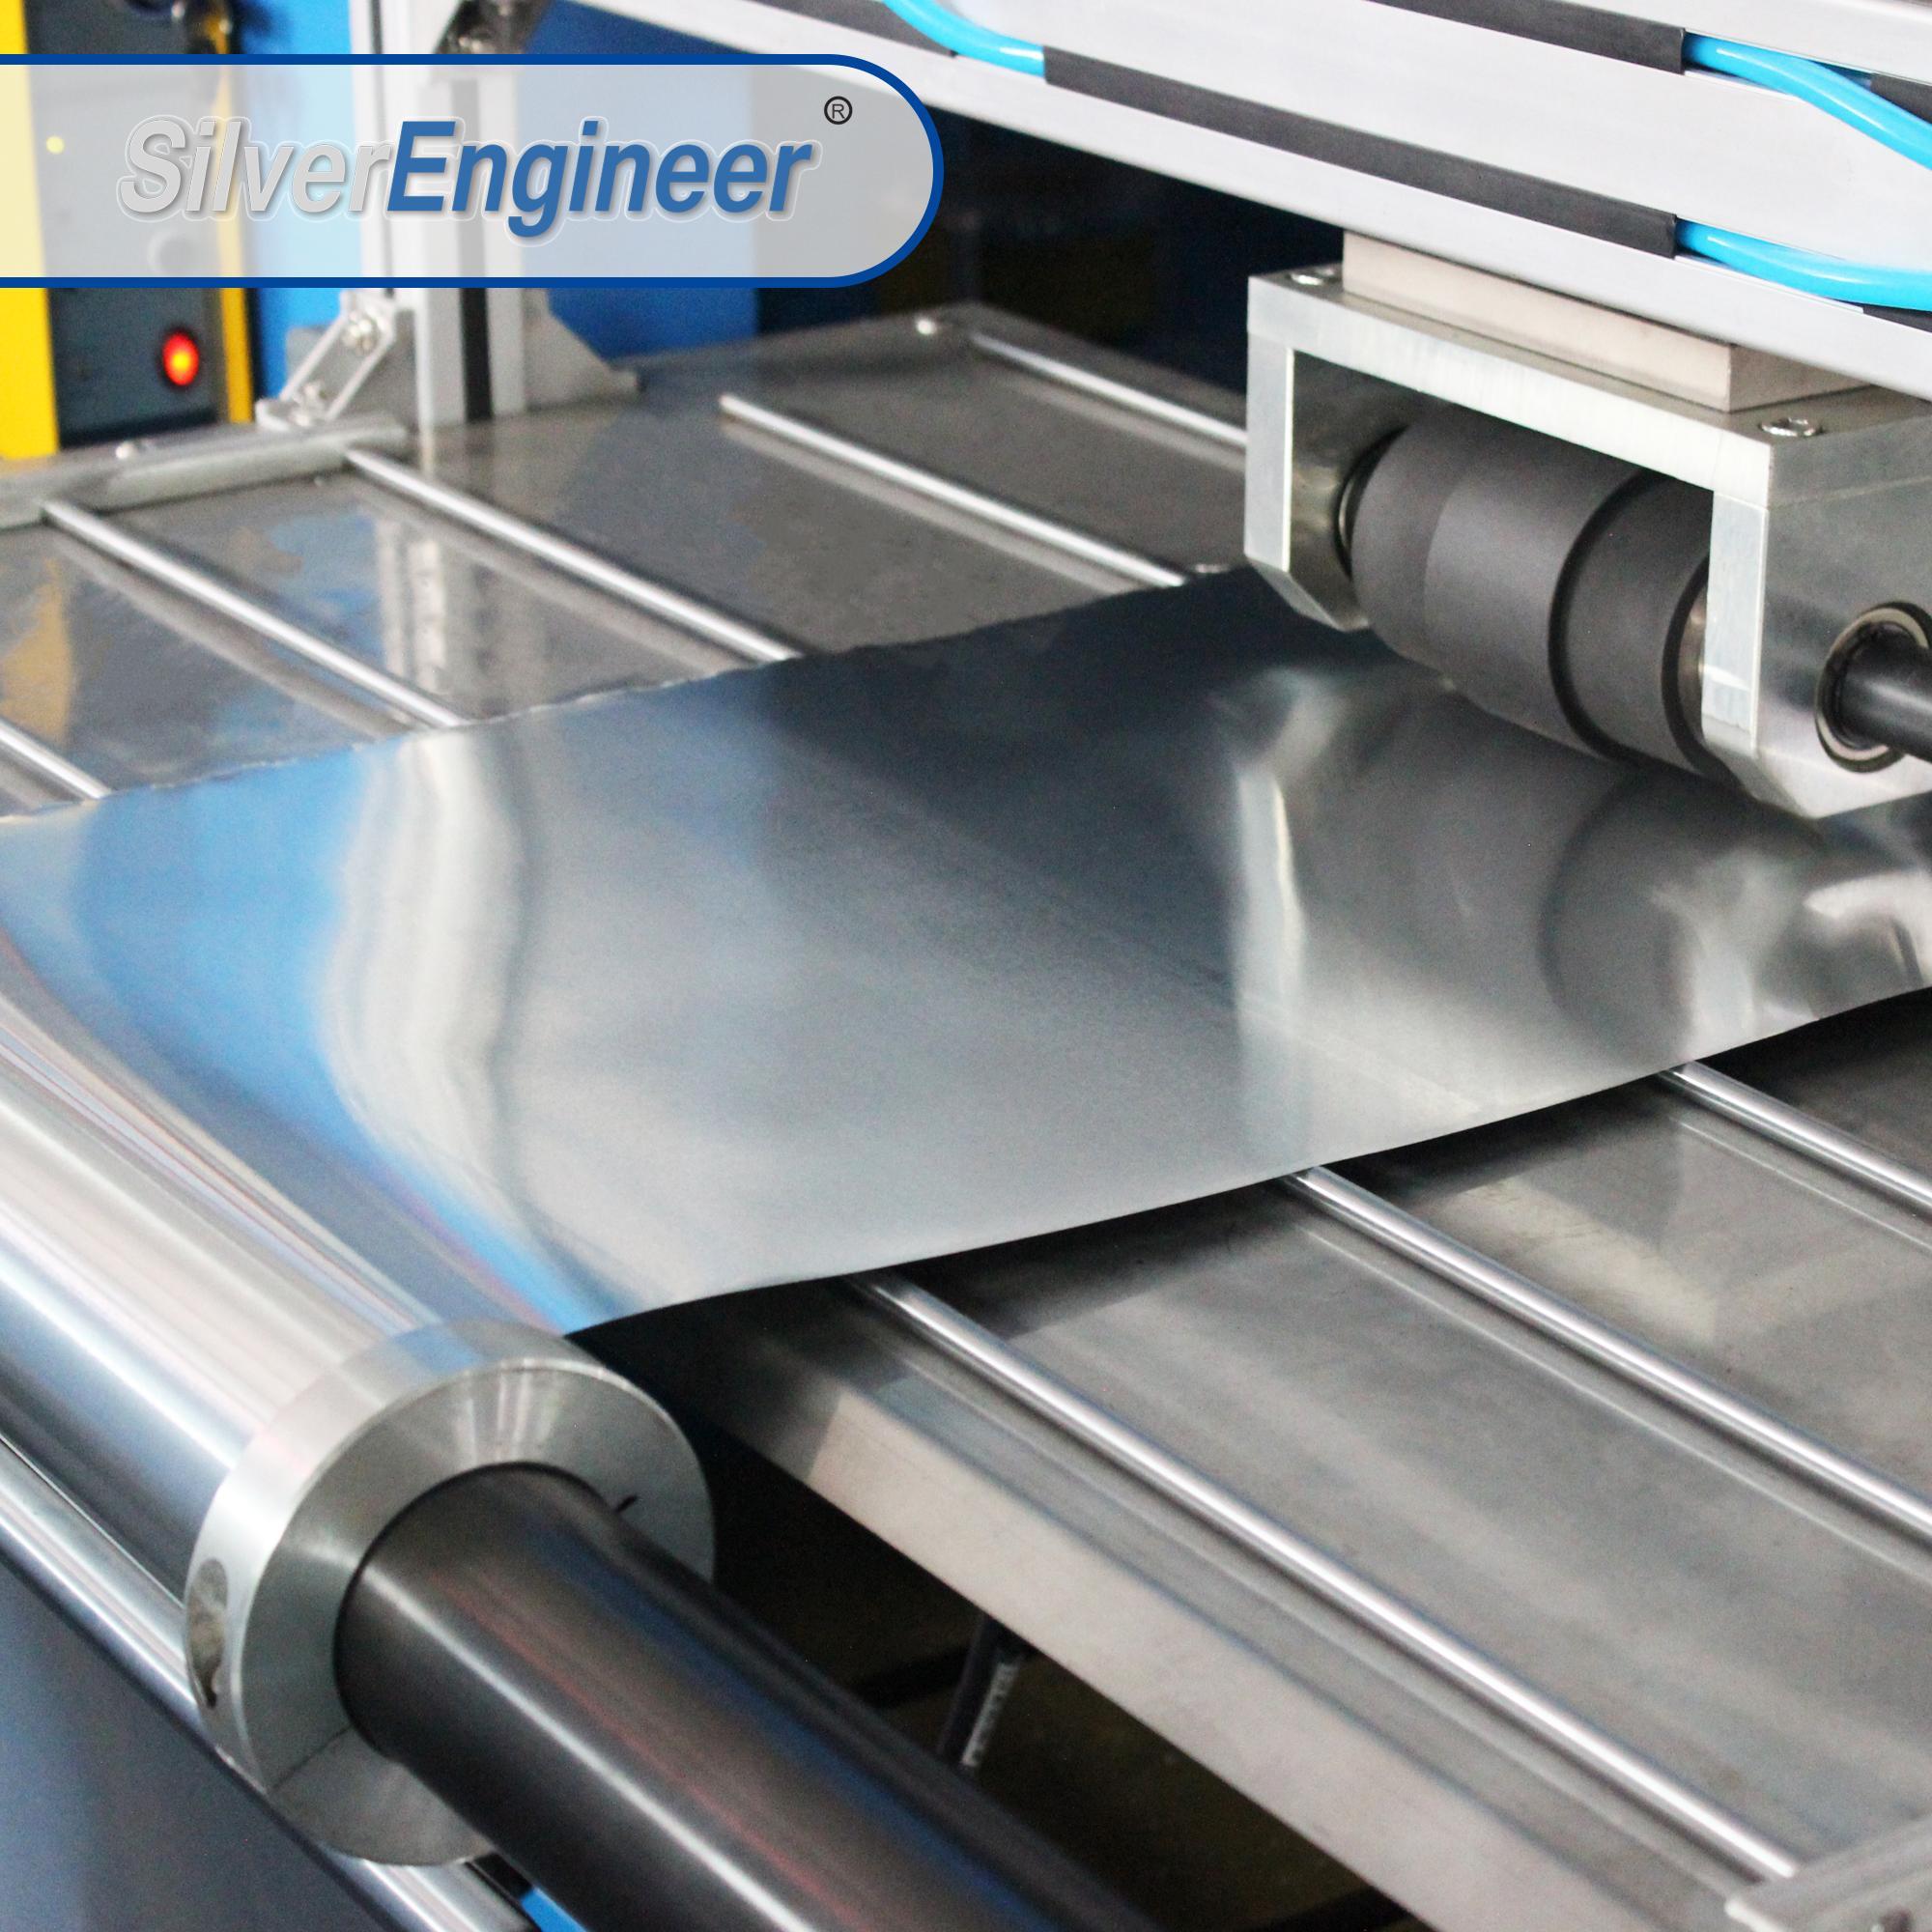 自動鋁箔錫紙餐盒容器生產線 4